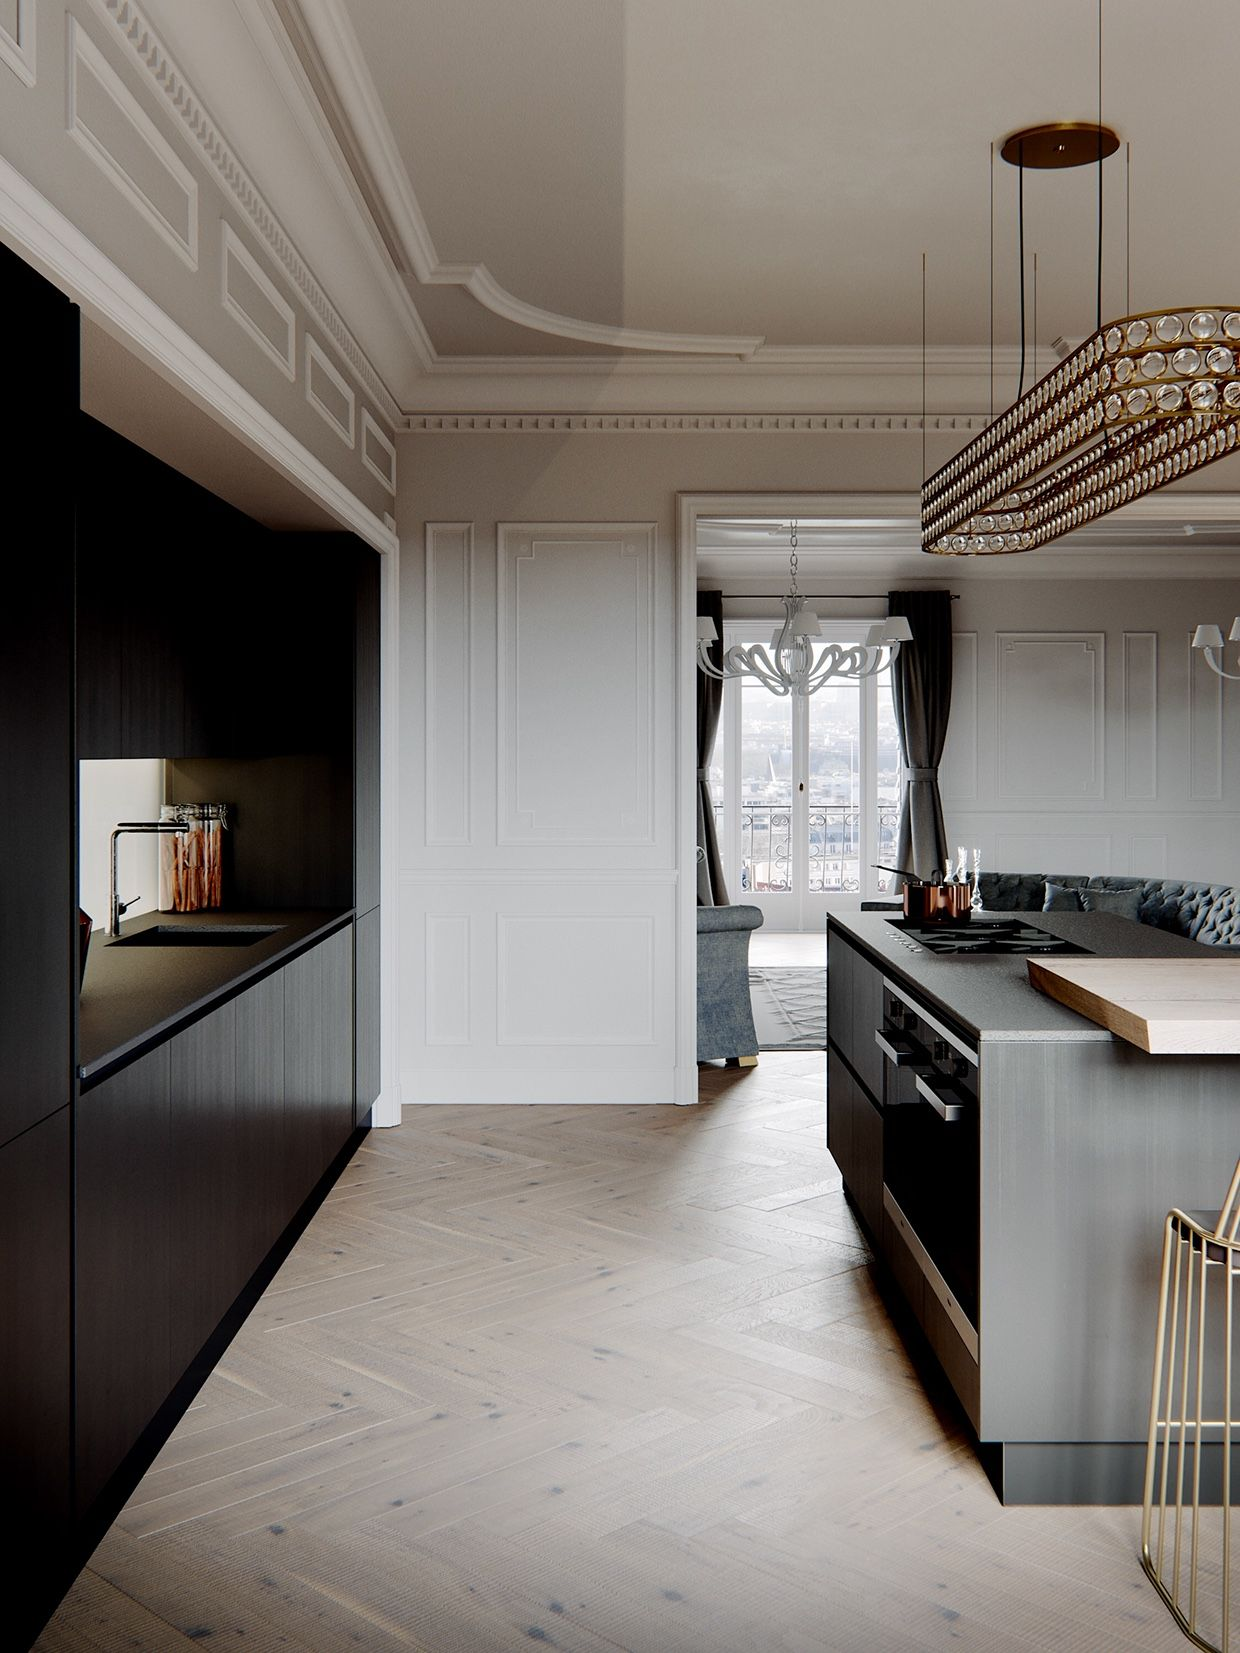 06131257952945.59e9e7c899c10.jpg (1240×1653) | kitchen | Pinterest ...